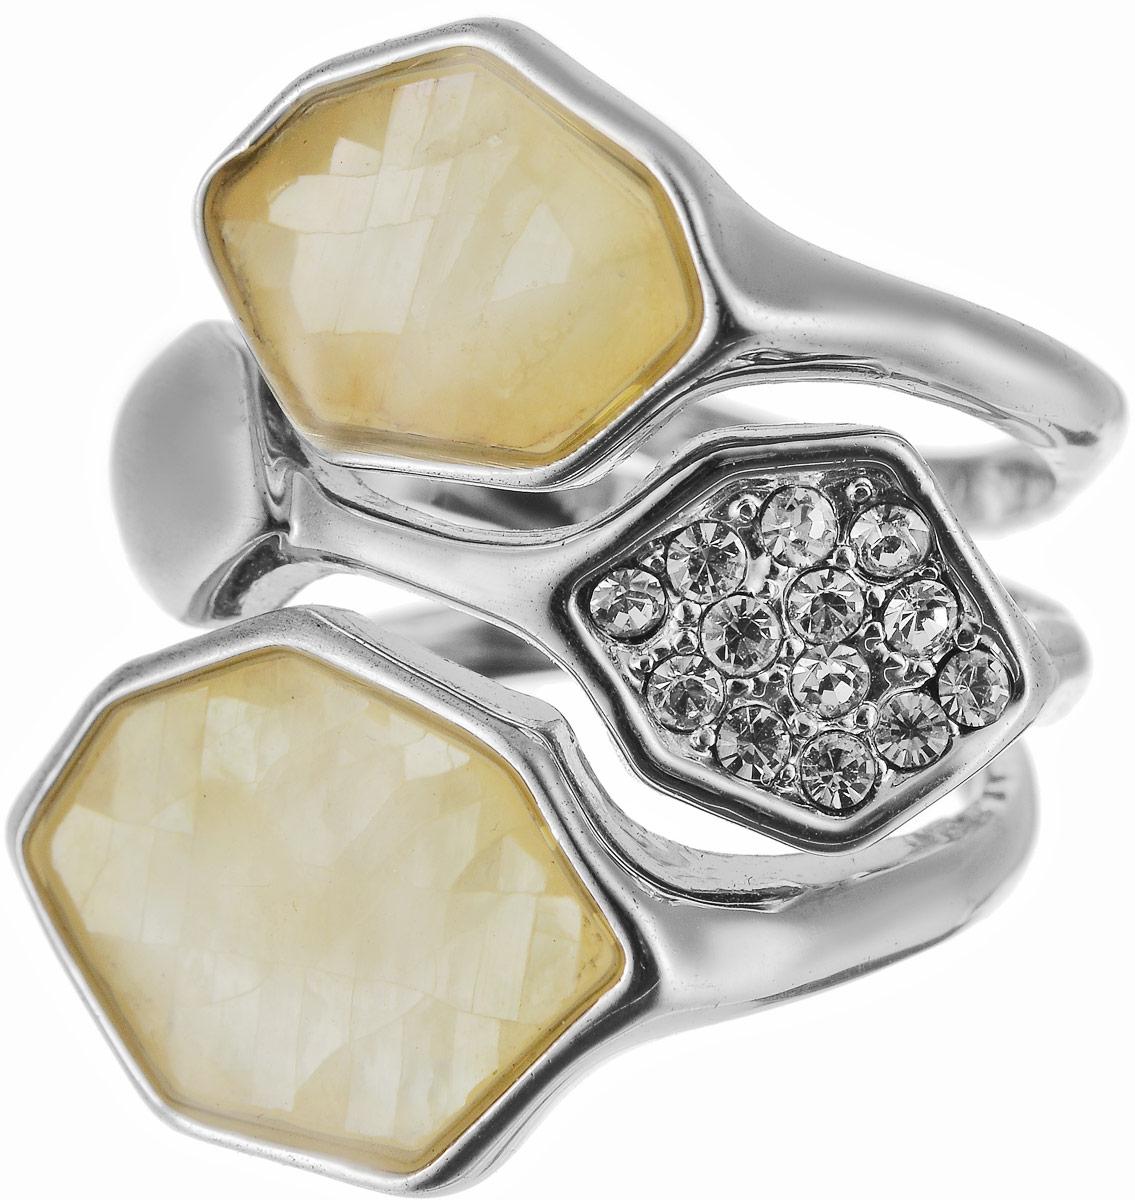 Кольцо Art-Silver, цвет: серебряный, бежевый. ЛМ049491-703-721. Размер 17,5Коктейльное кольцоОригинальное кольцо Art-Silver выполнено из бижутерного сплава с гальваническим покрытием. Кольцо украшено декоративными вставками.Элегантное кольцо Art-Silver превосходно дополнит ваш образ и подчеркнет отменное чувство стиля своей обладательницы.